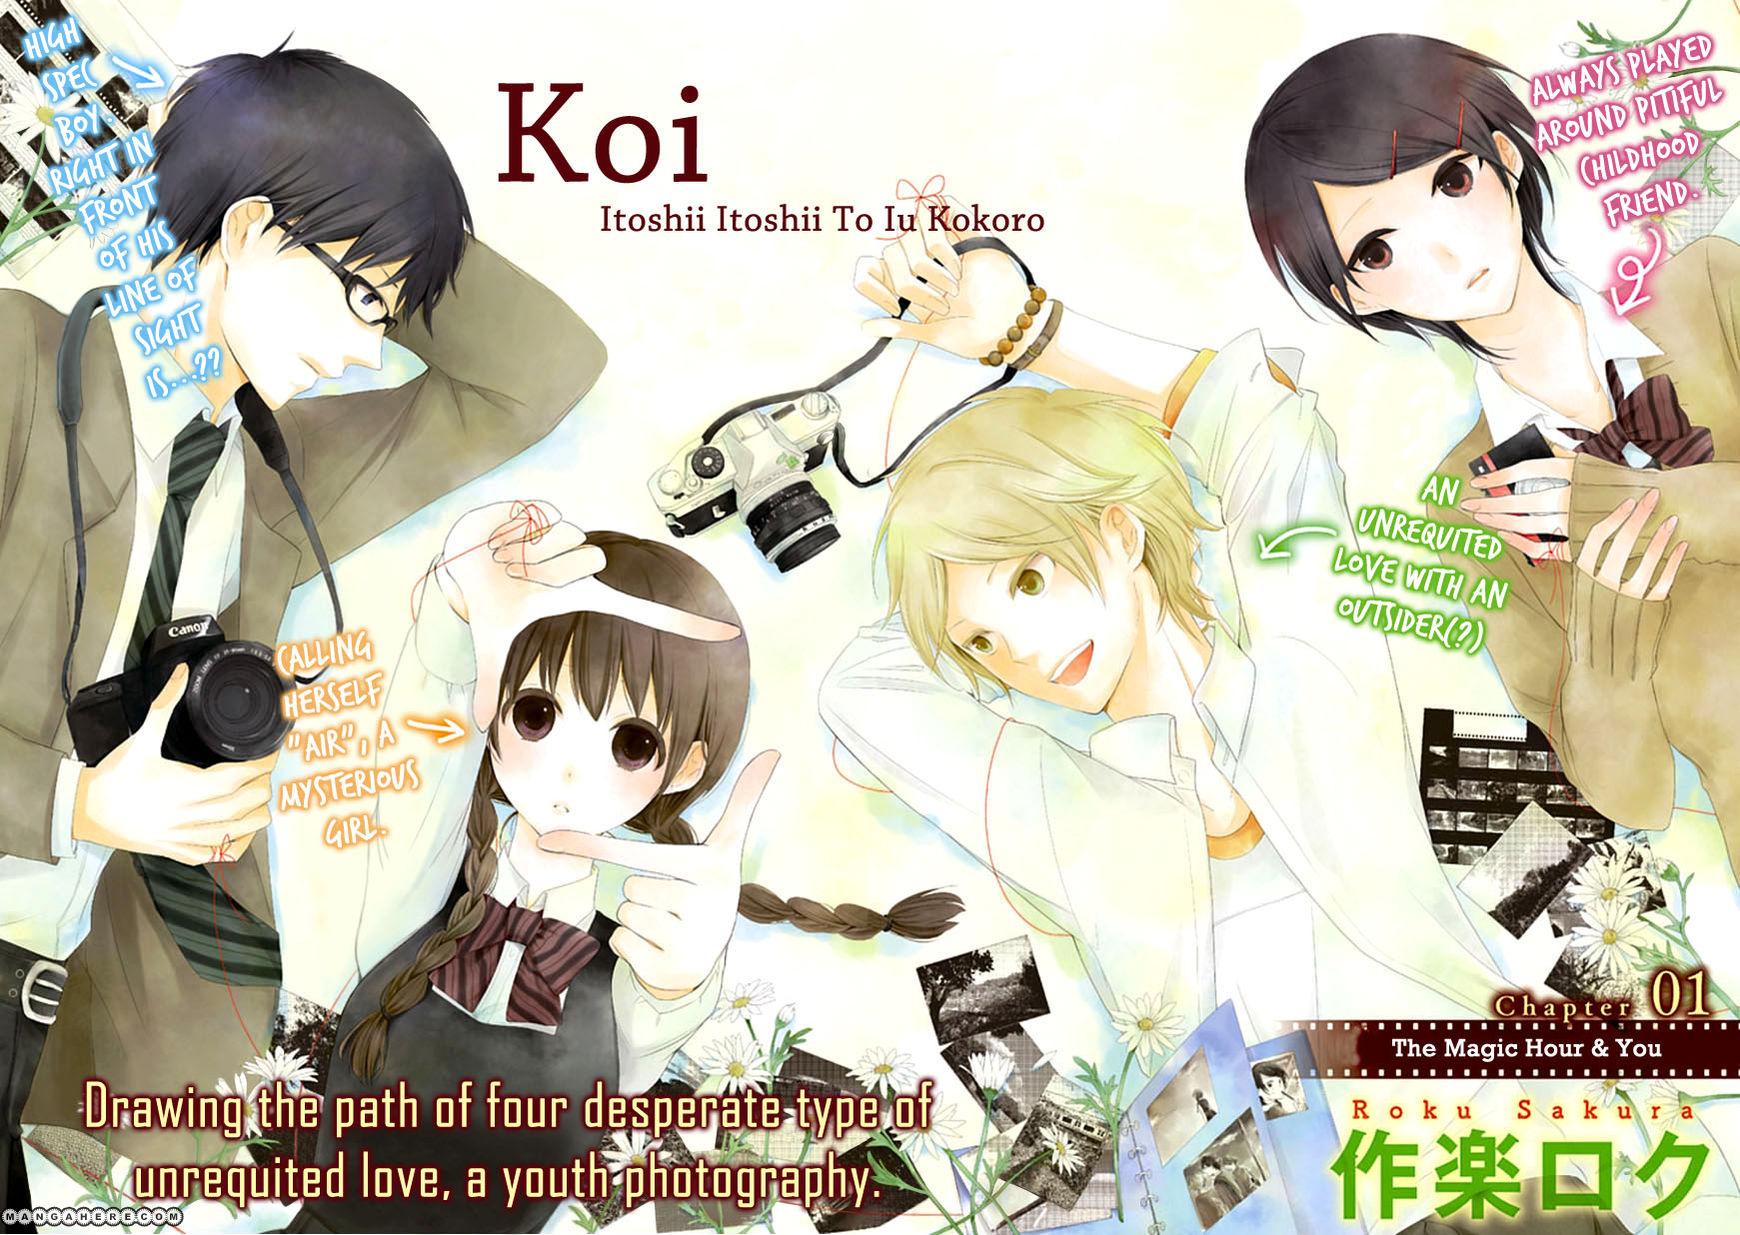 Koi. - Itoshii Itoshii to Iu Kokoro 1 Page 2